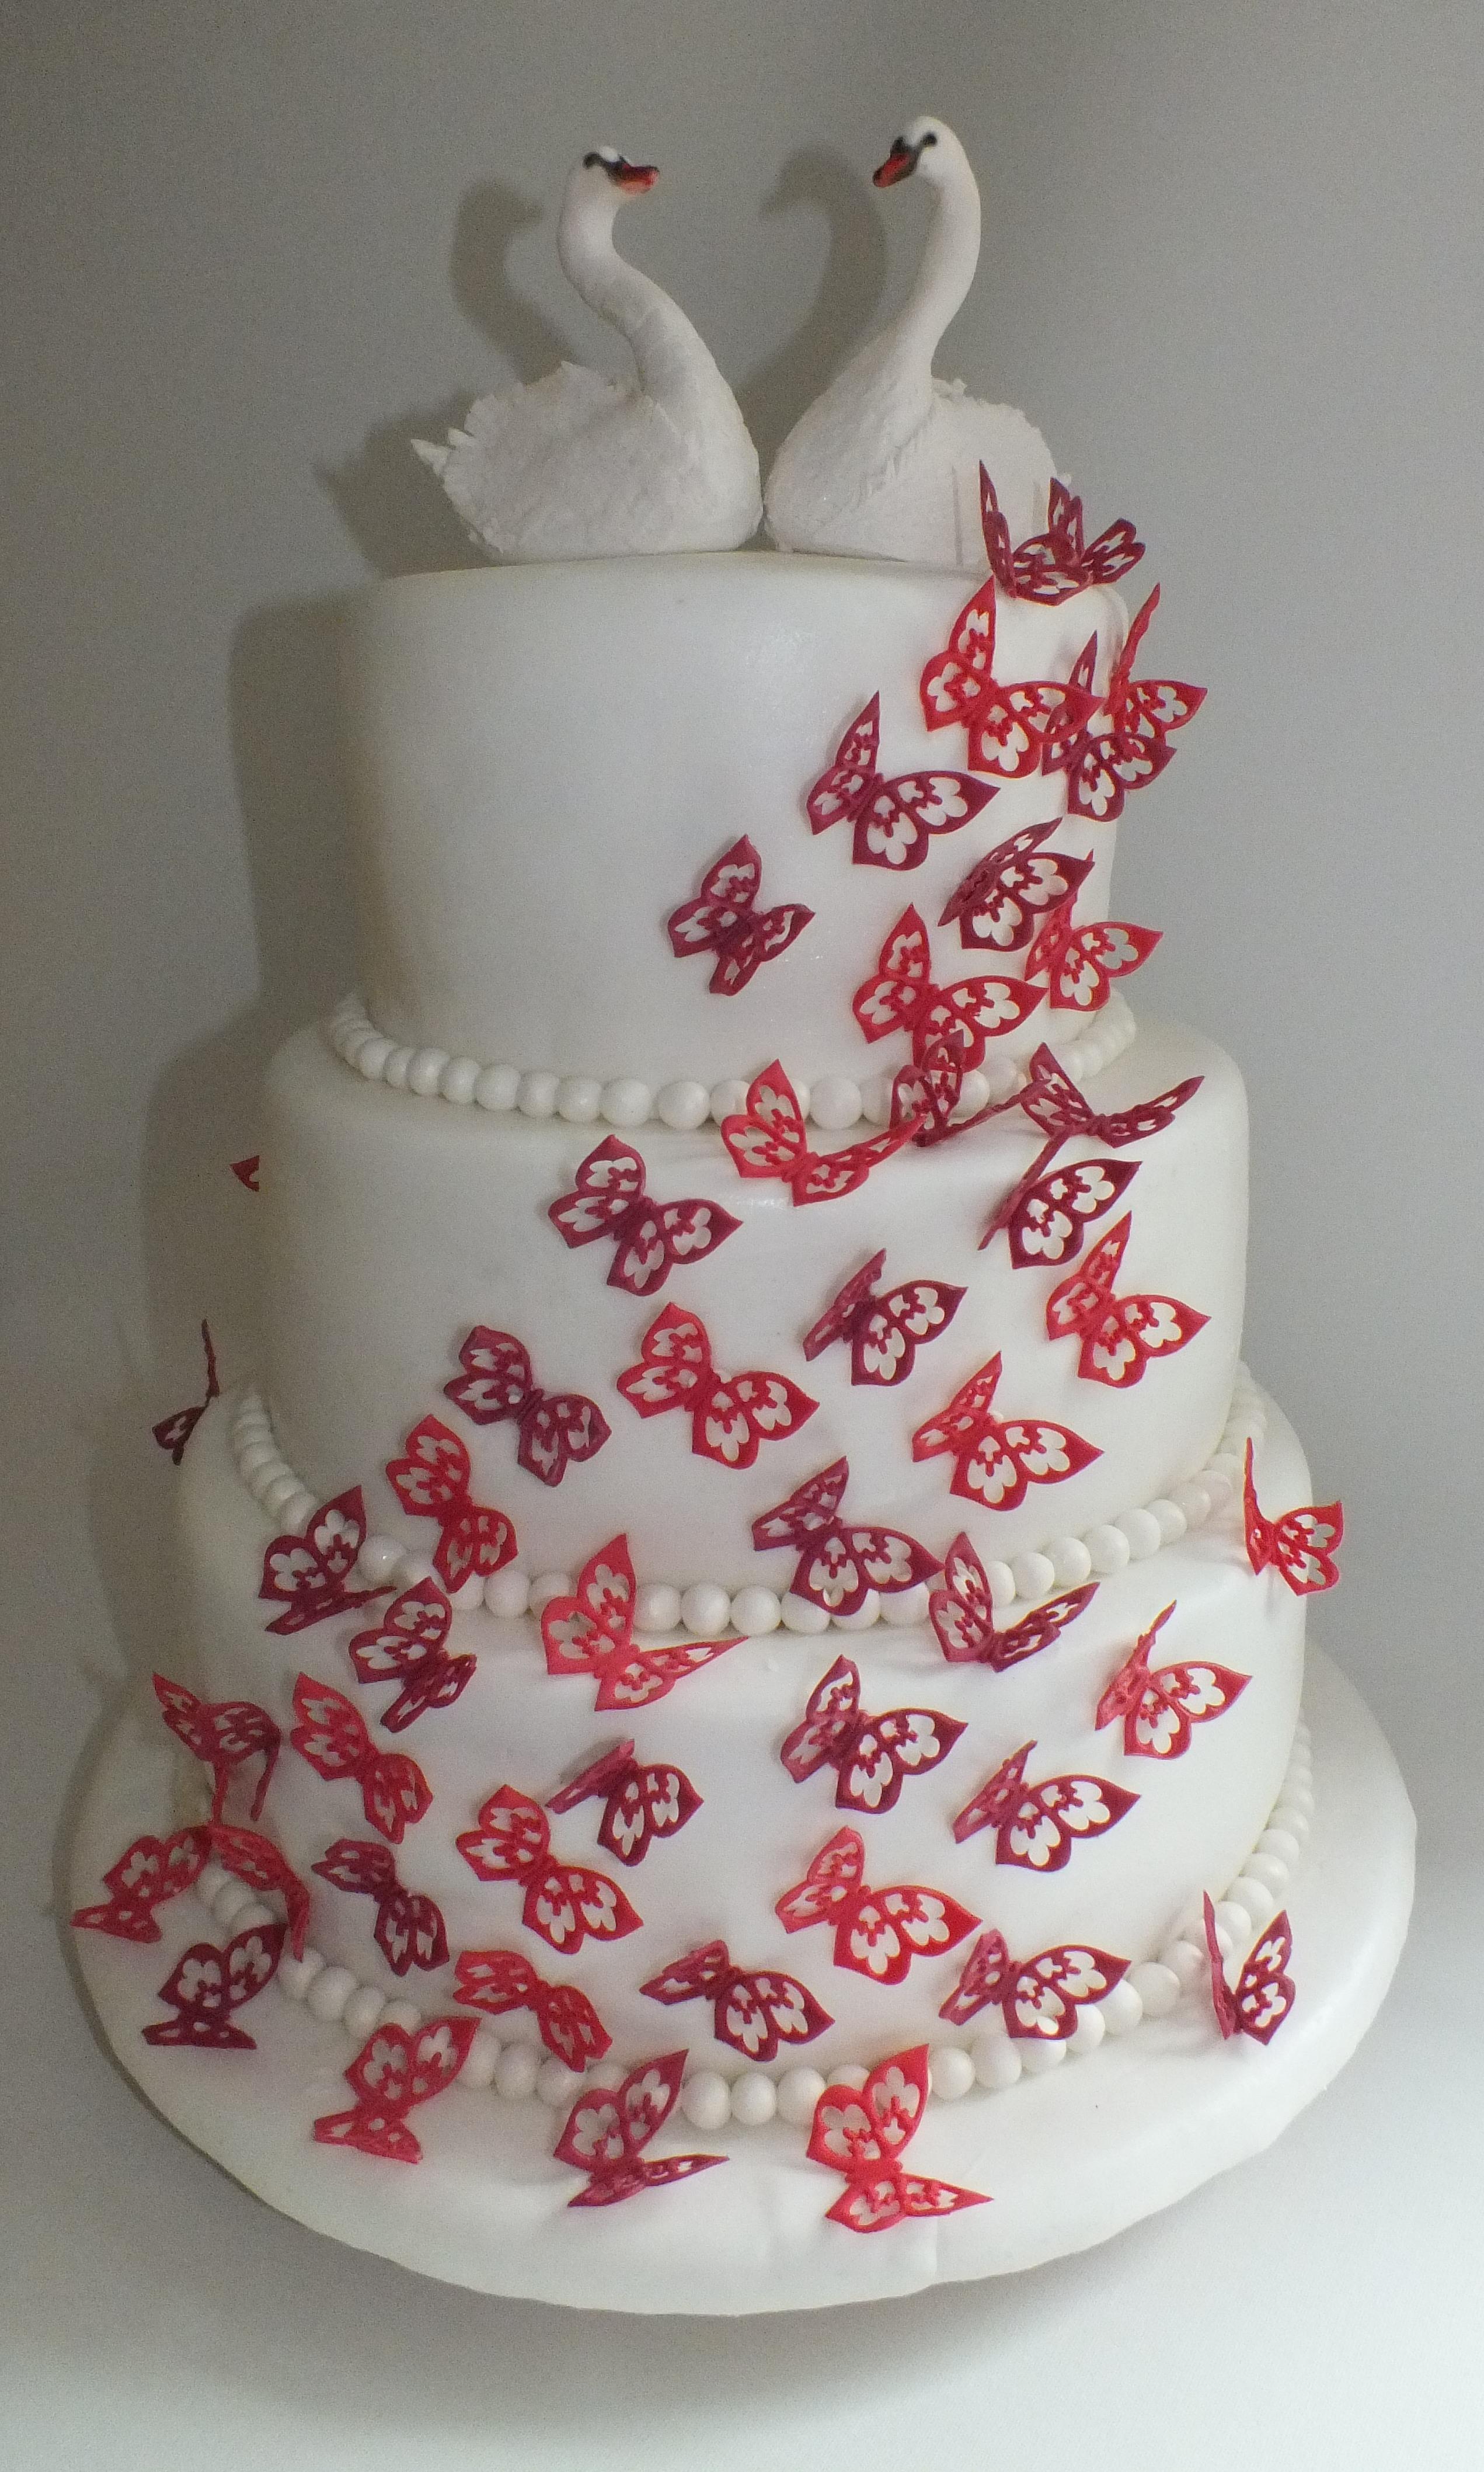 Pin Schmetterling Hochzeitstorten on Pinterest